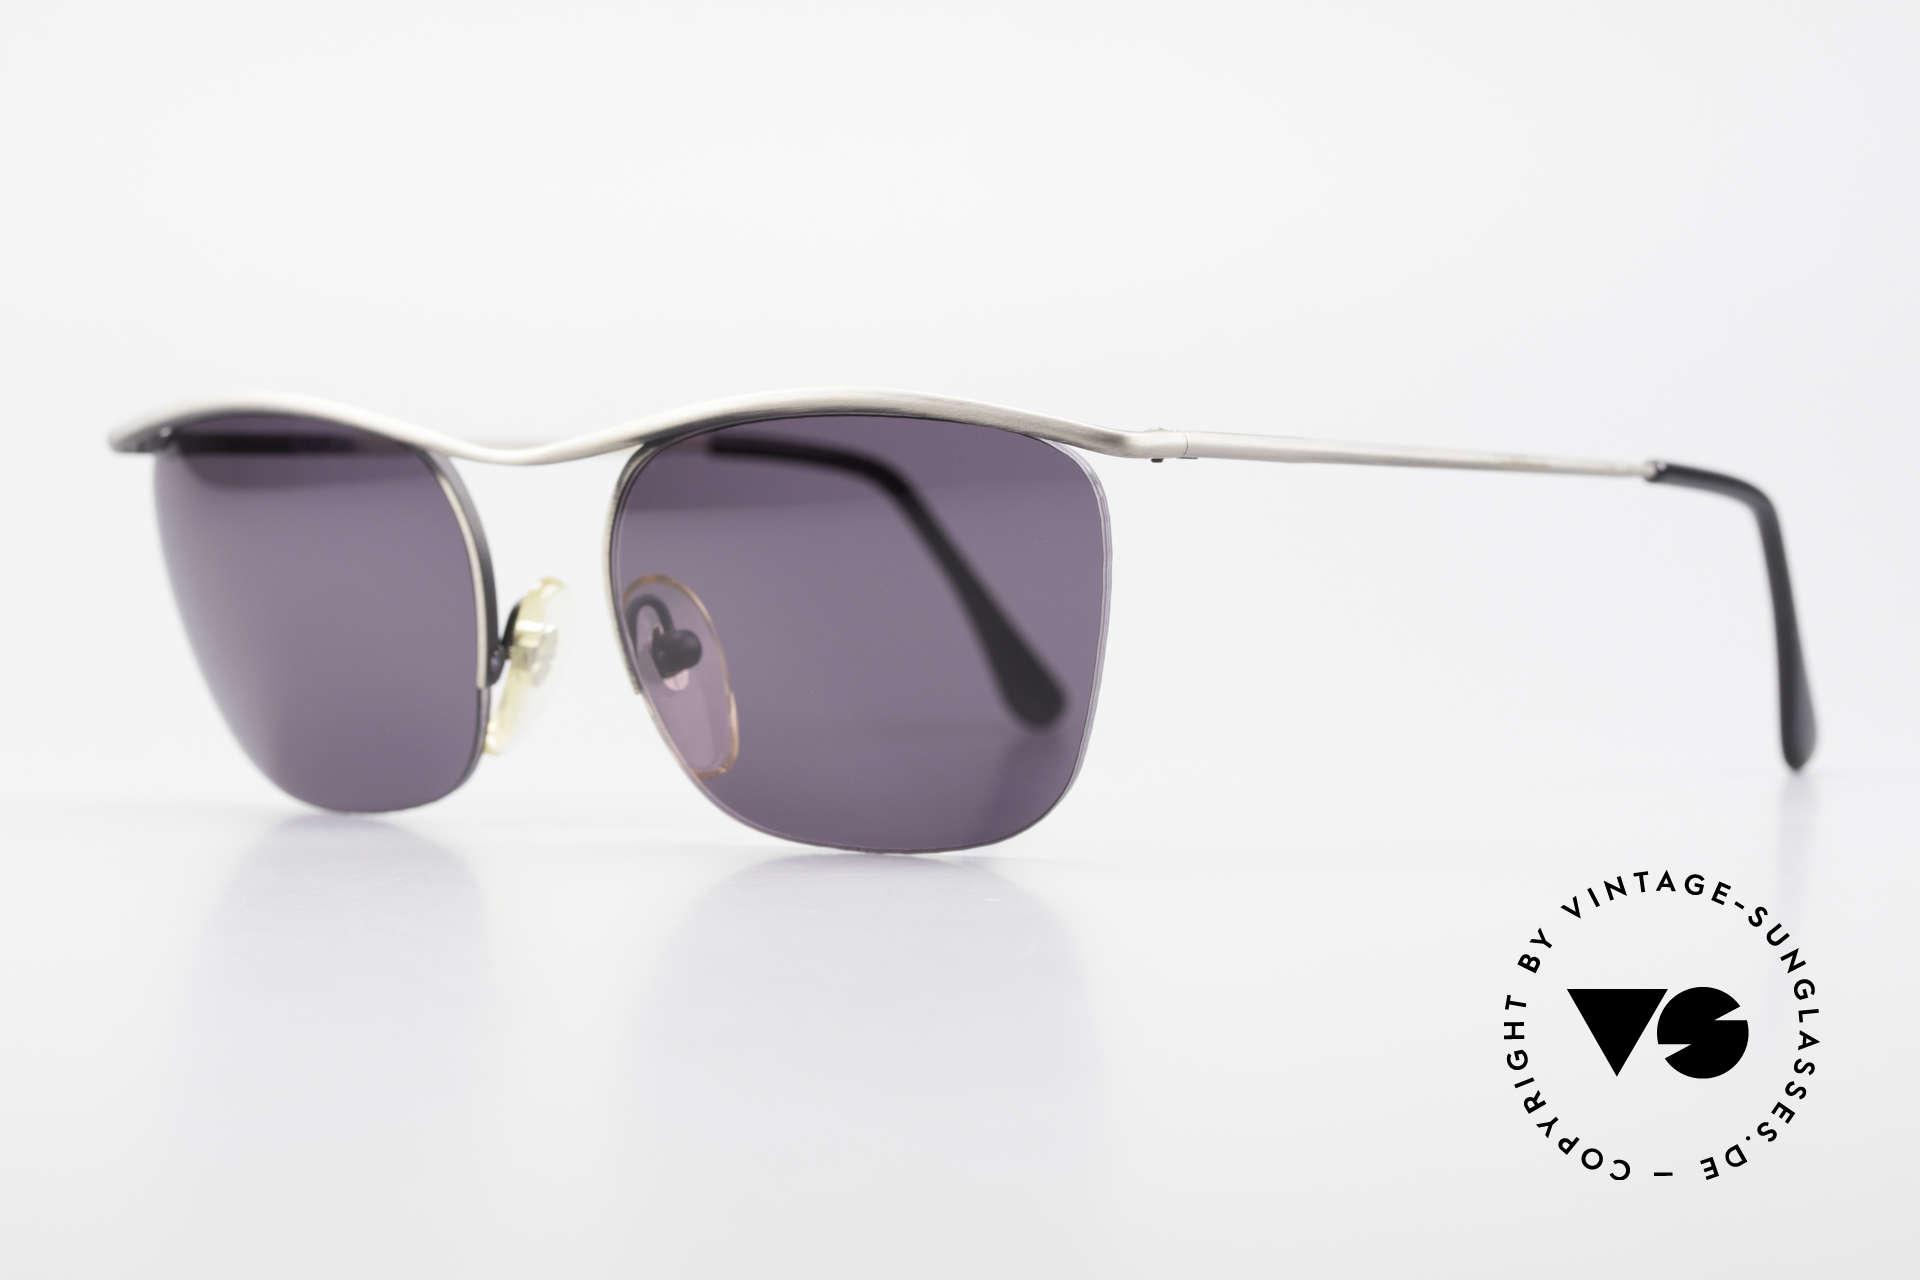 Cutler And Gross 0267 Halb Rahmenlose Sonnenbrille, stilvoll & unverwechselbar; auch ohne pompöse Logos, Passend für Herren und Damen